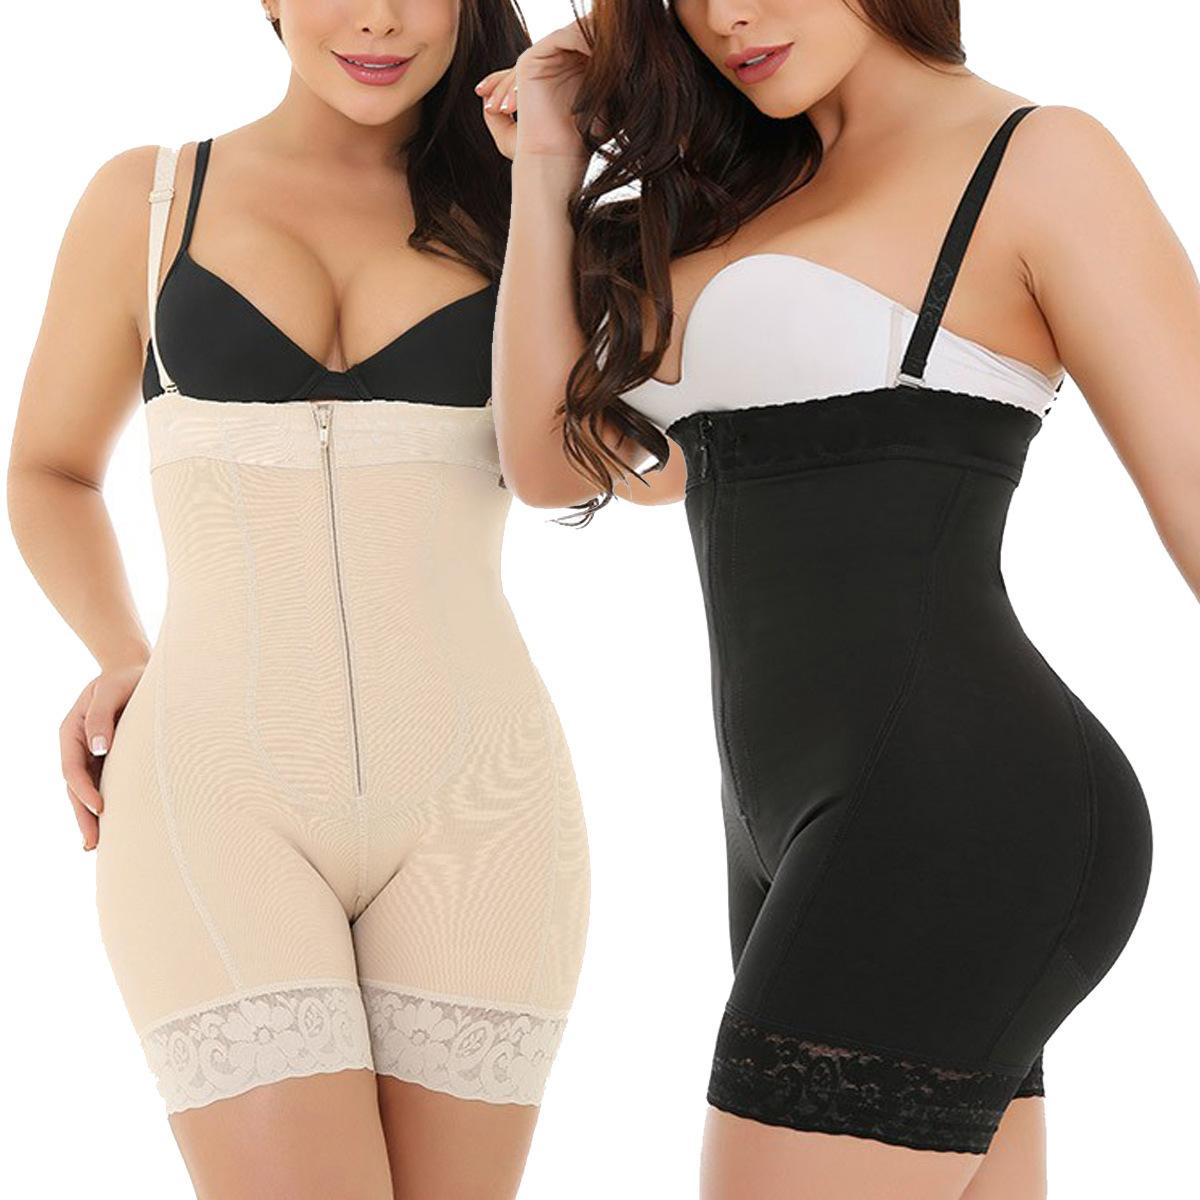 Plus Size 6XL Body Shaper Unterwäsche abnimmt Frauen Bauch-Steuerbreathformwäsche reizvolle Spitze Bodyshaper Zipper Schwarz Khaki